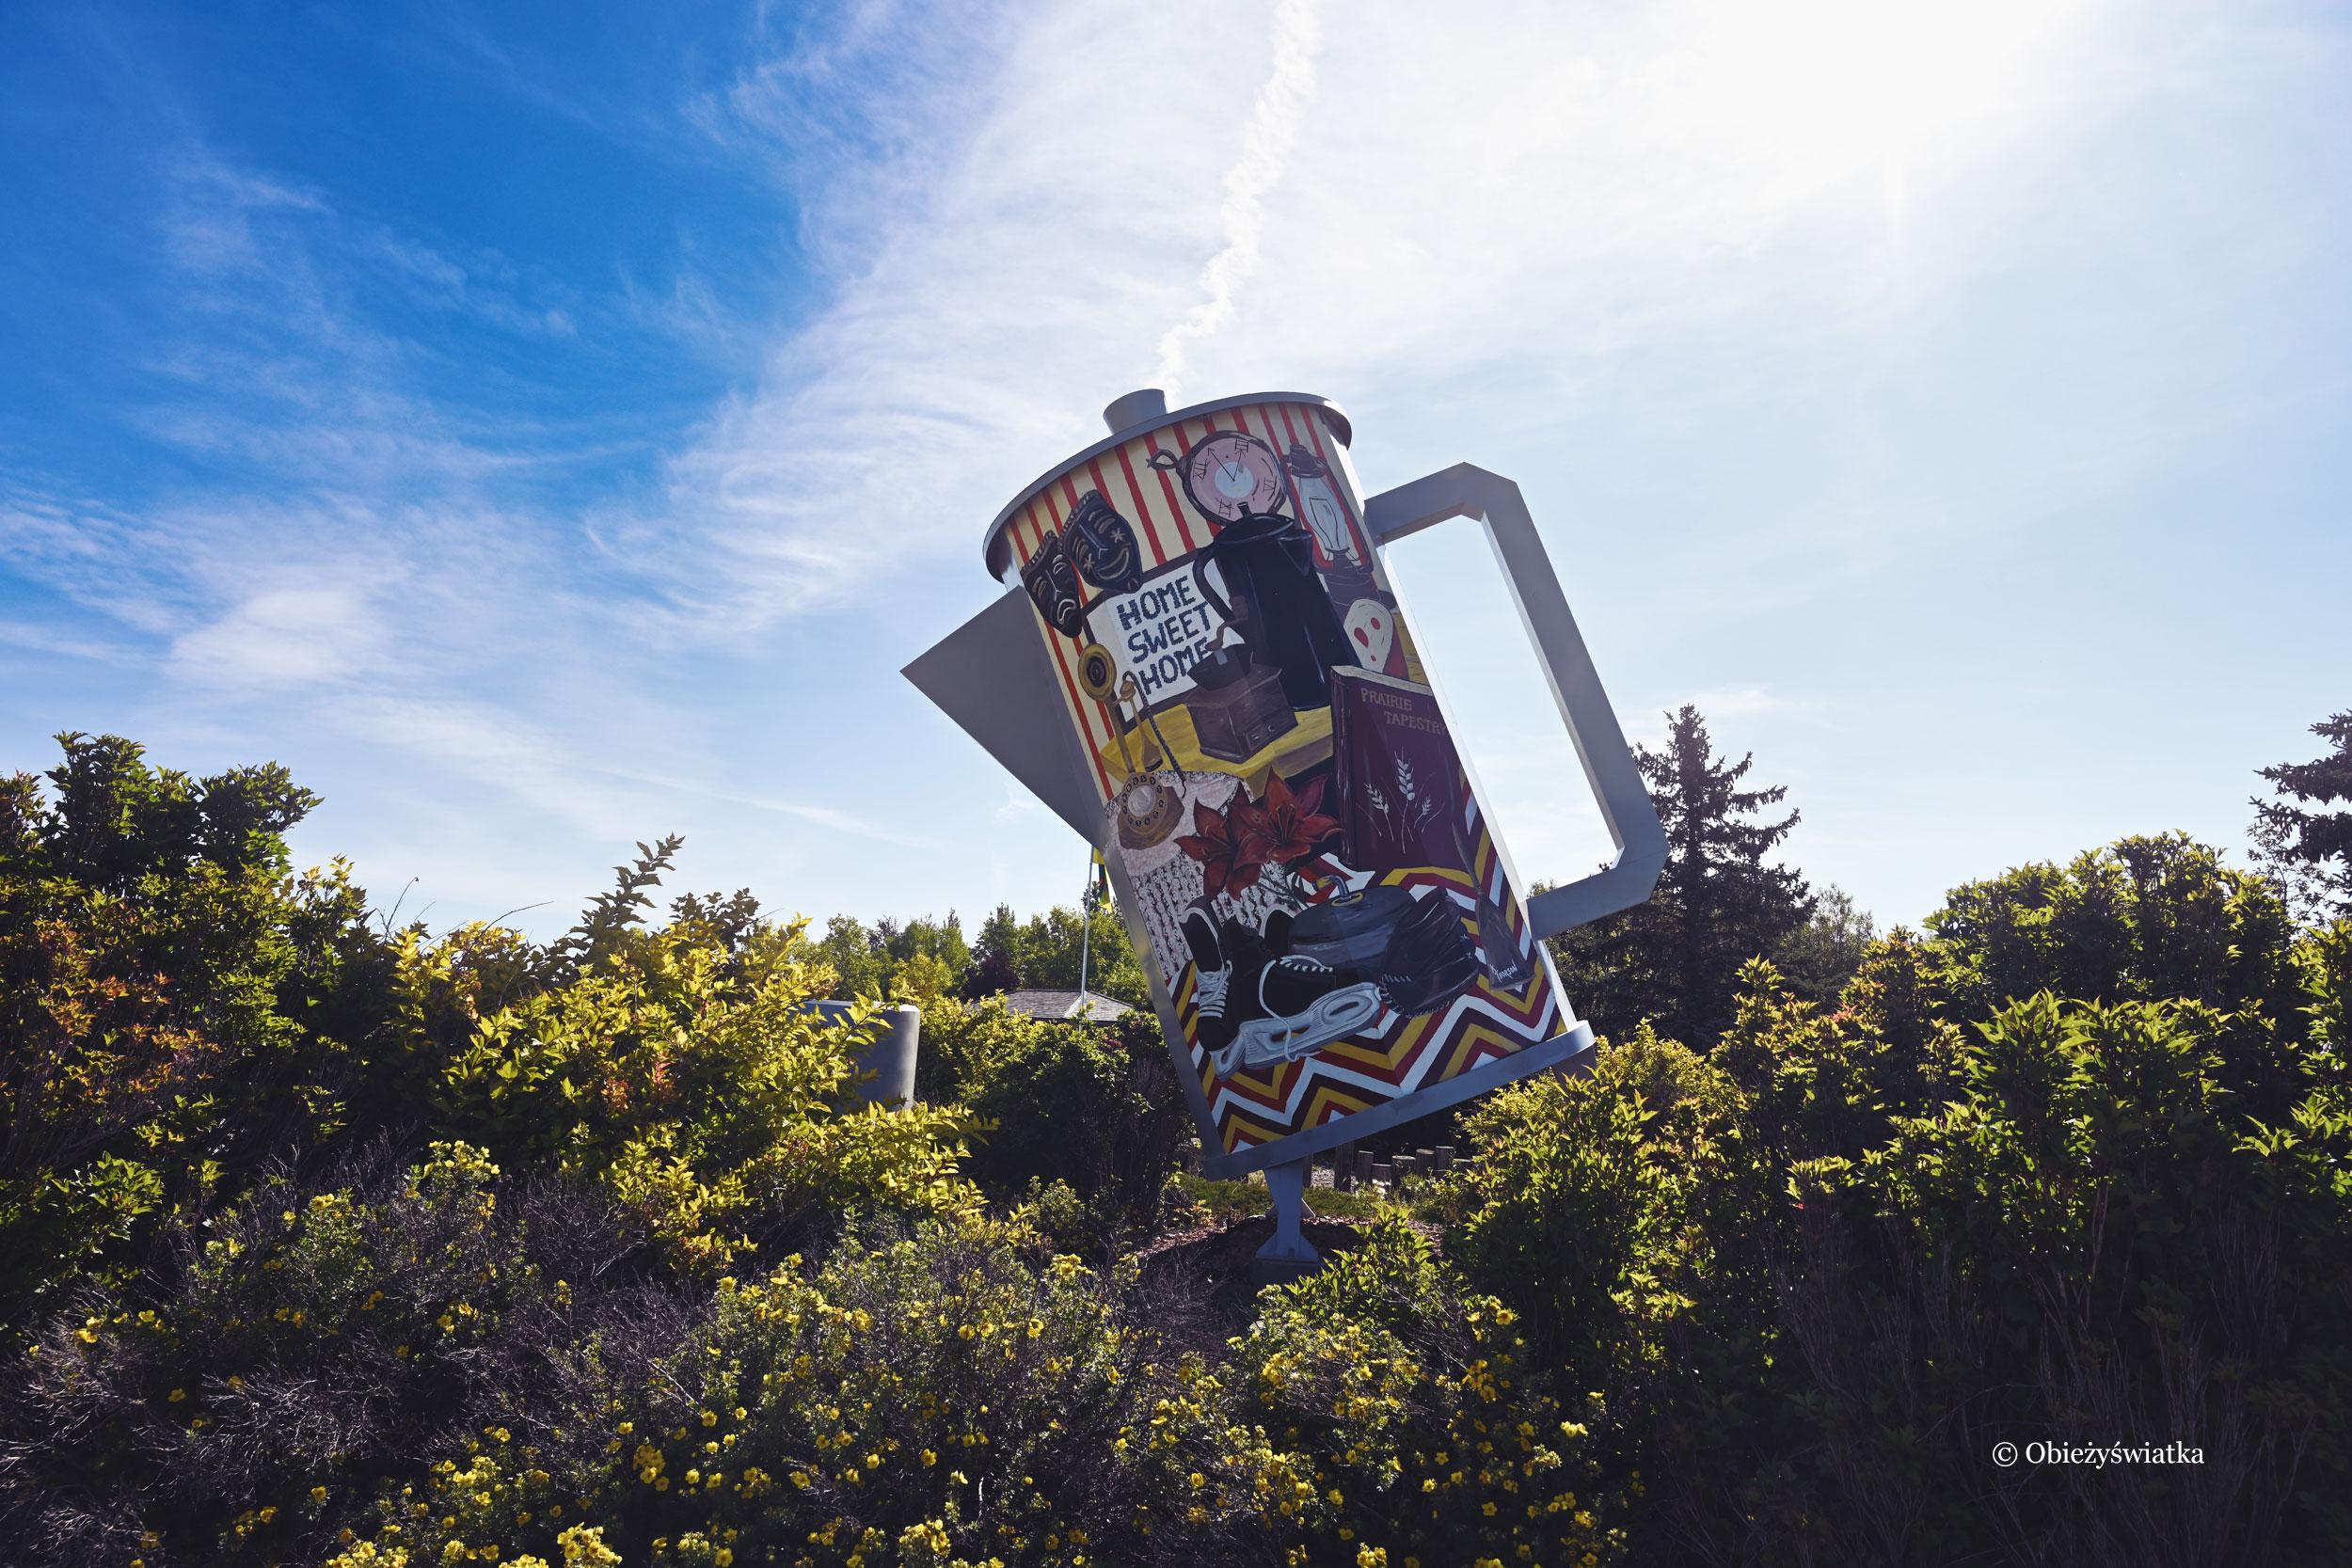 Coffee pot monument, czyli pomnik dzbanka do kawy, Davidson, Kanada